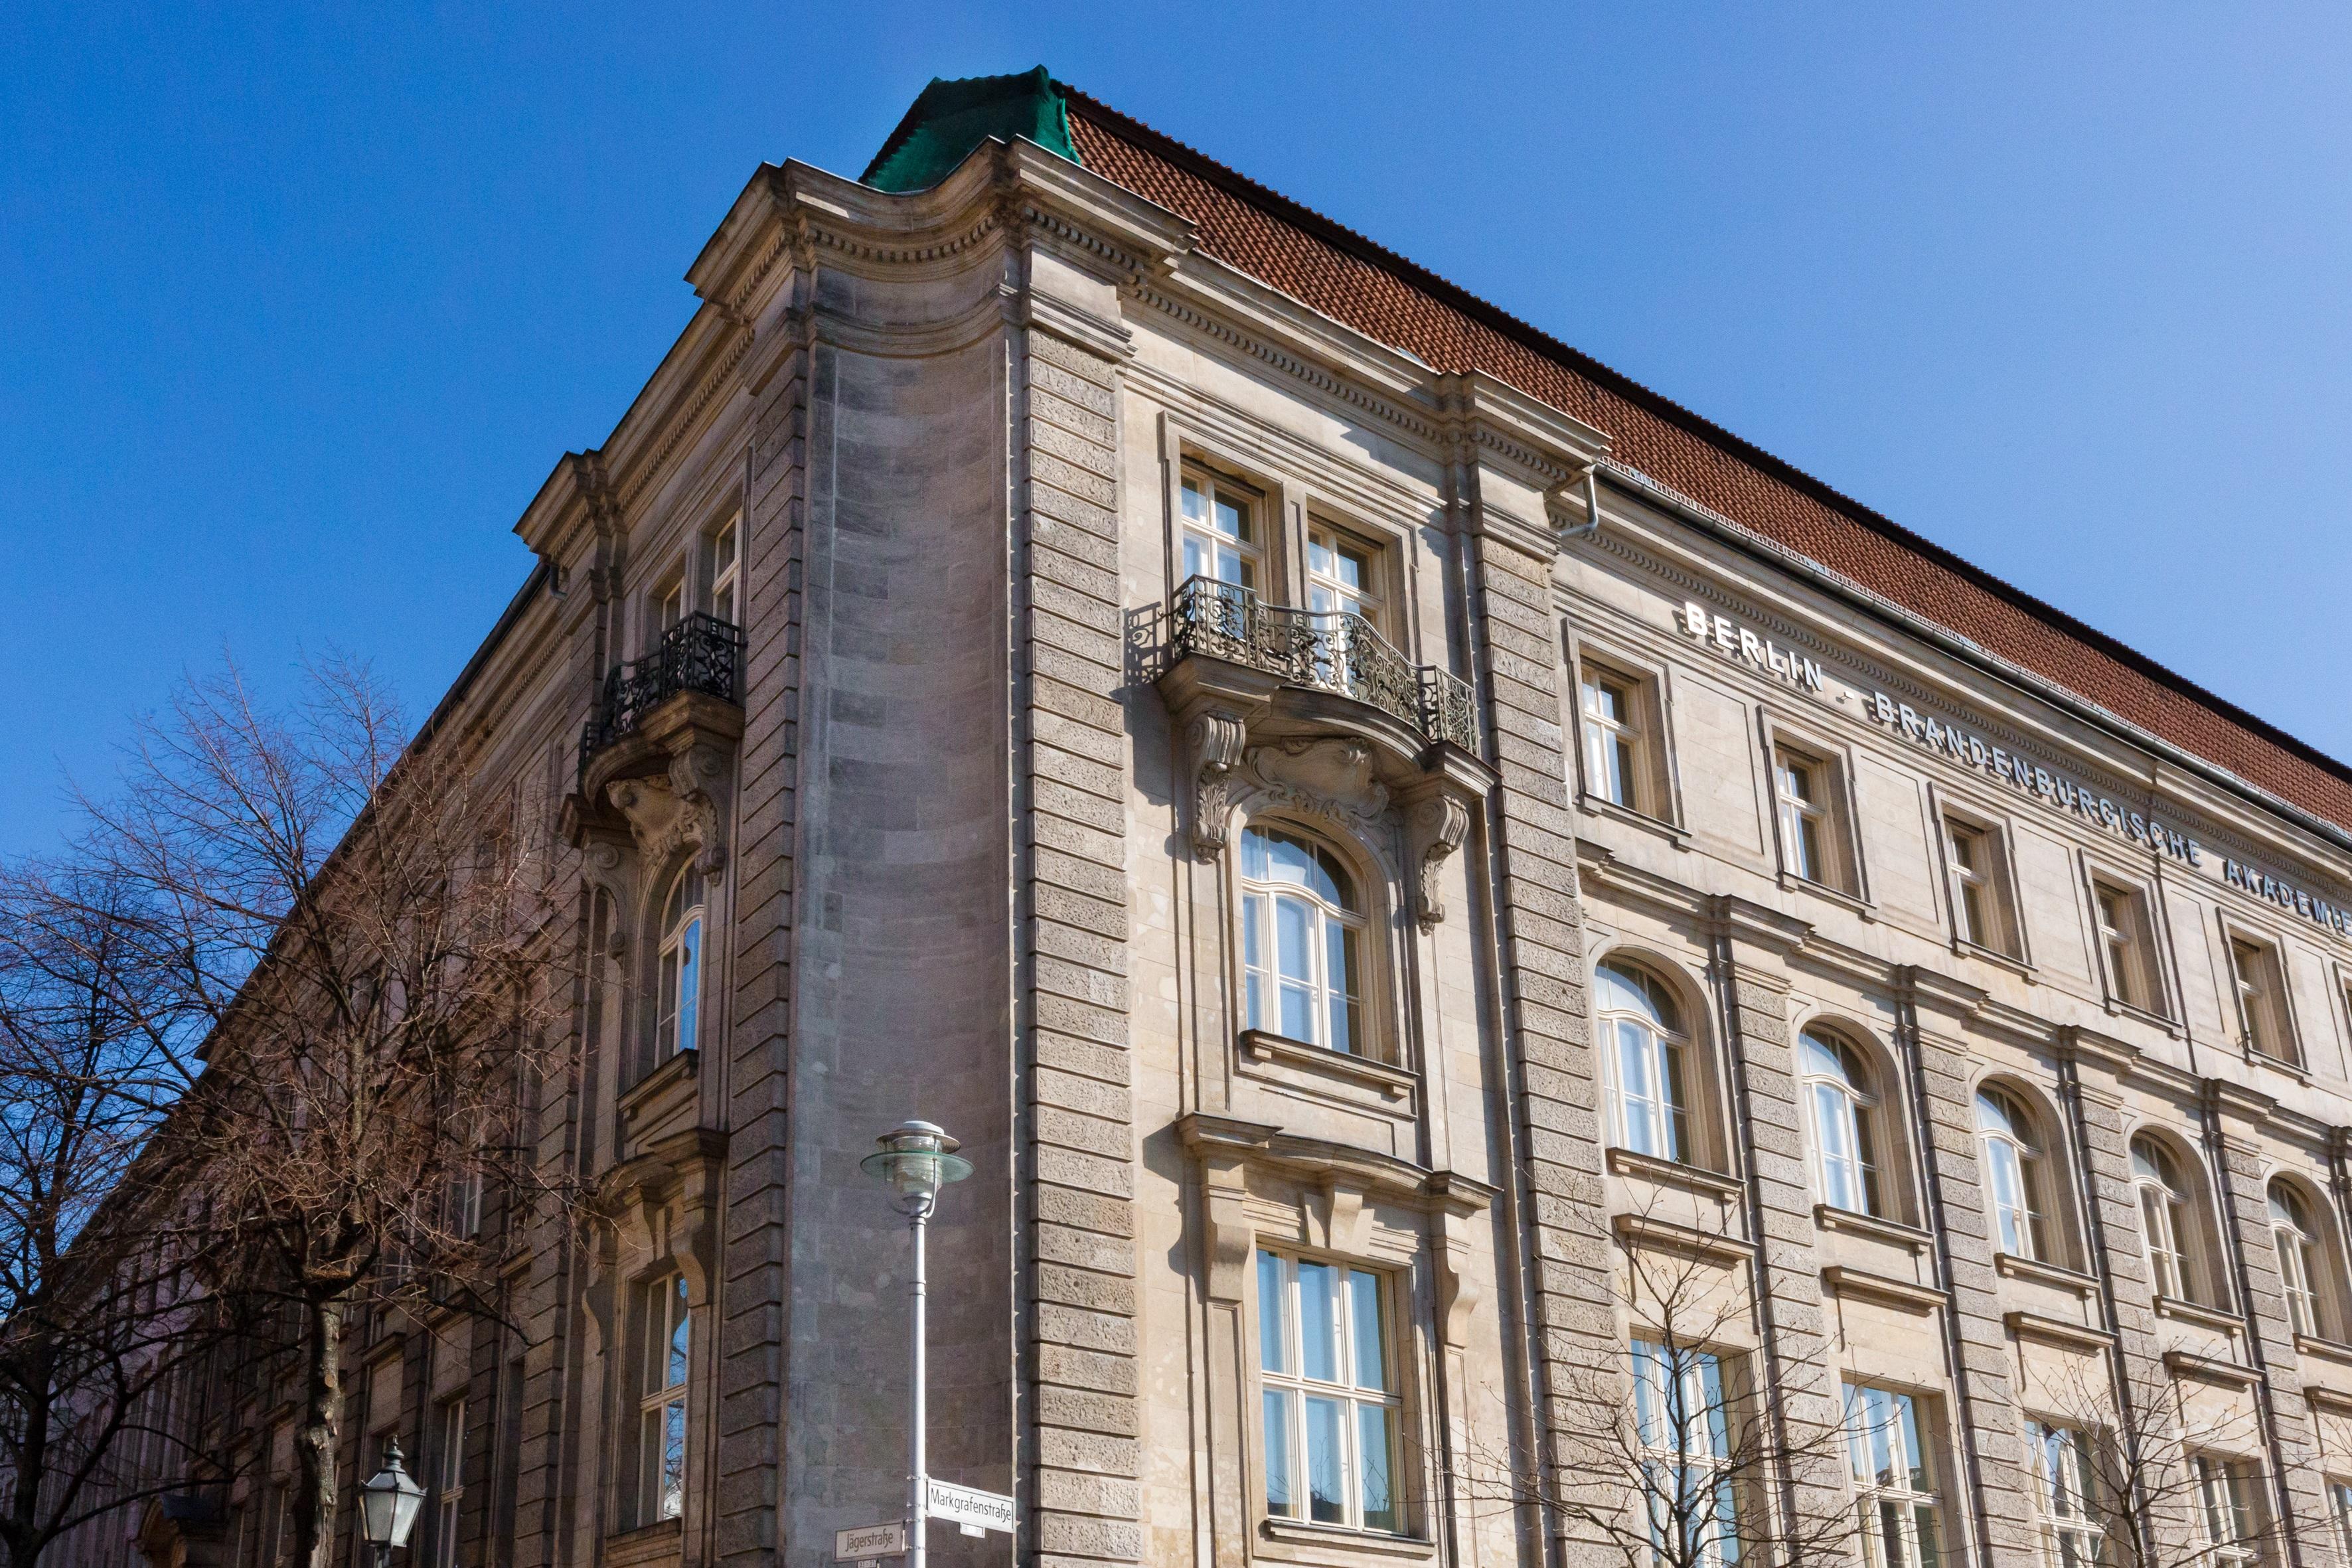 Ansicht der Außenfassade des Gebäudes der BBAW vor blauem Himmel